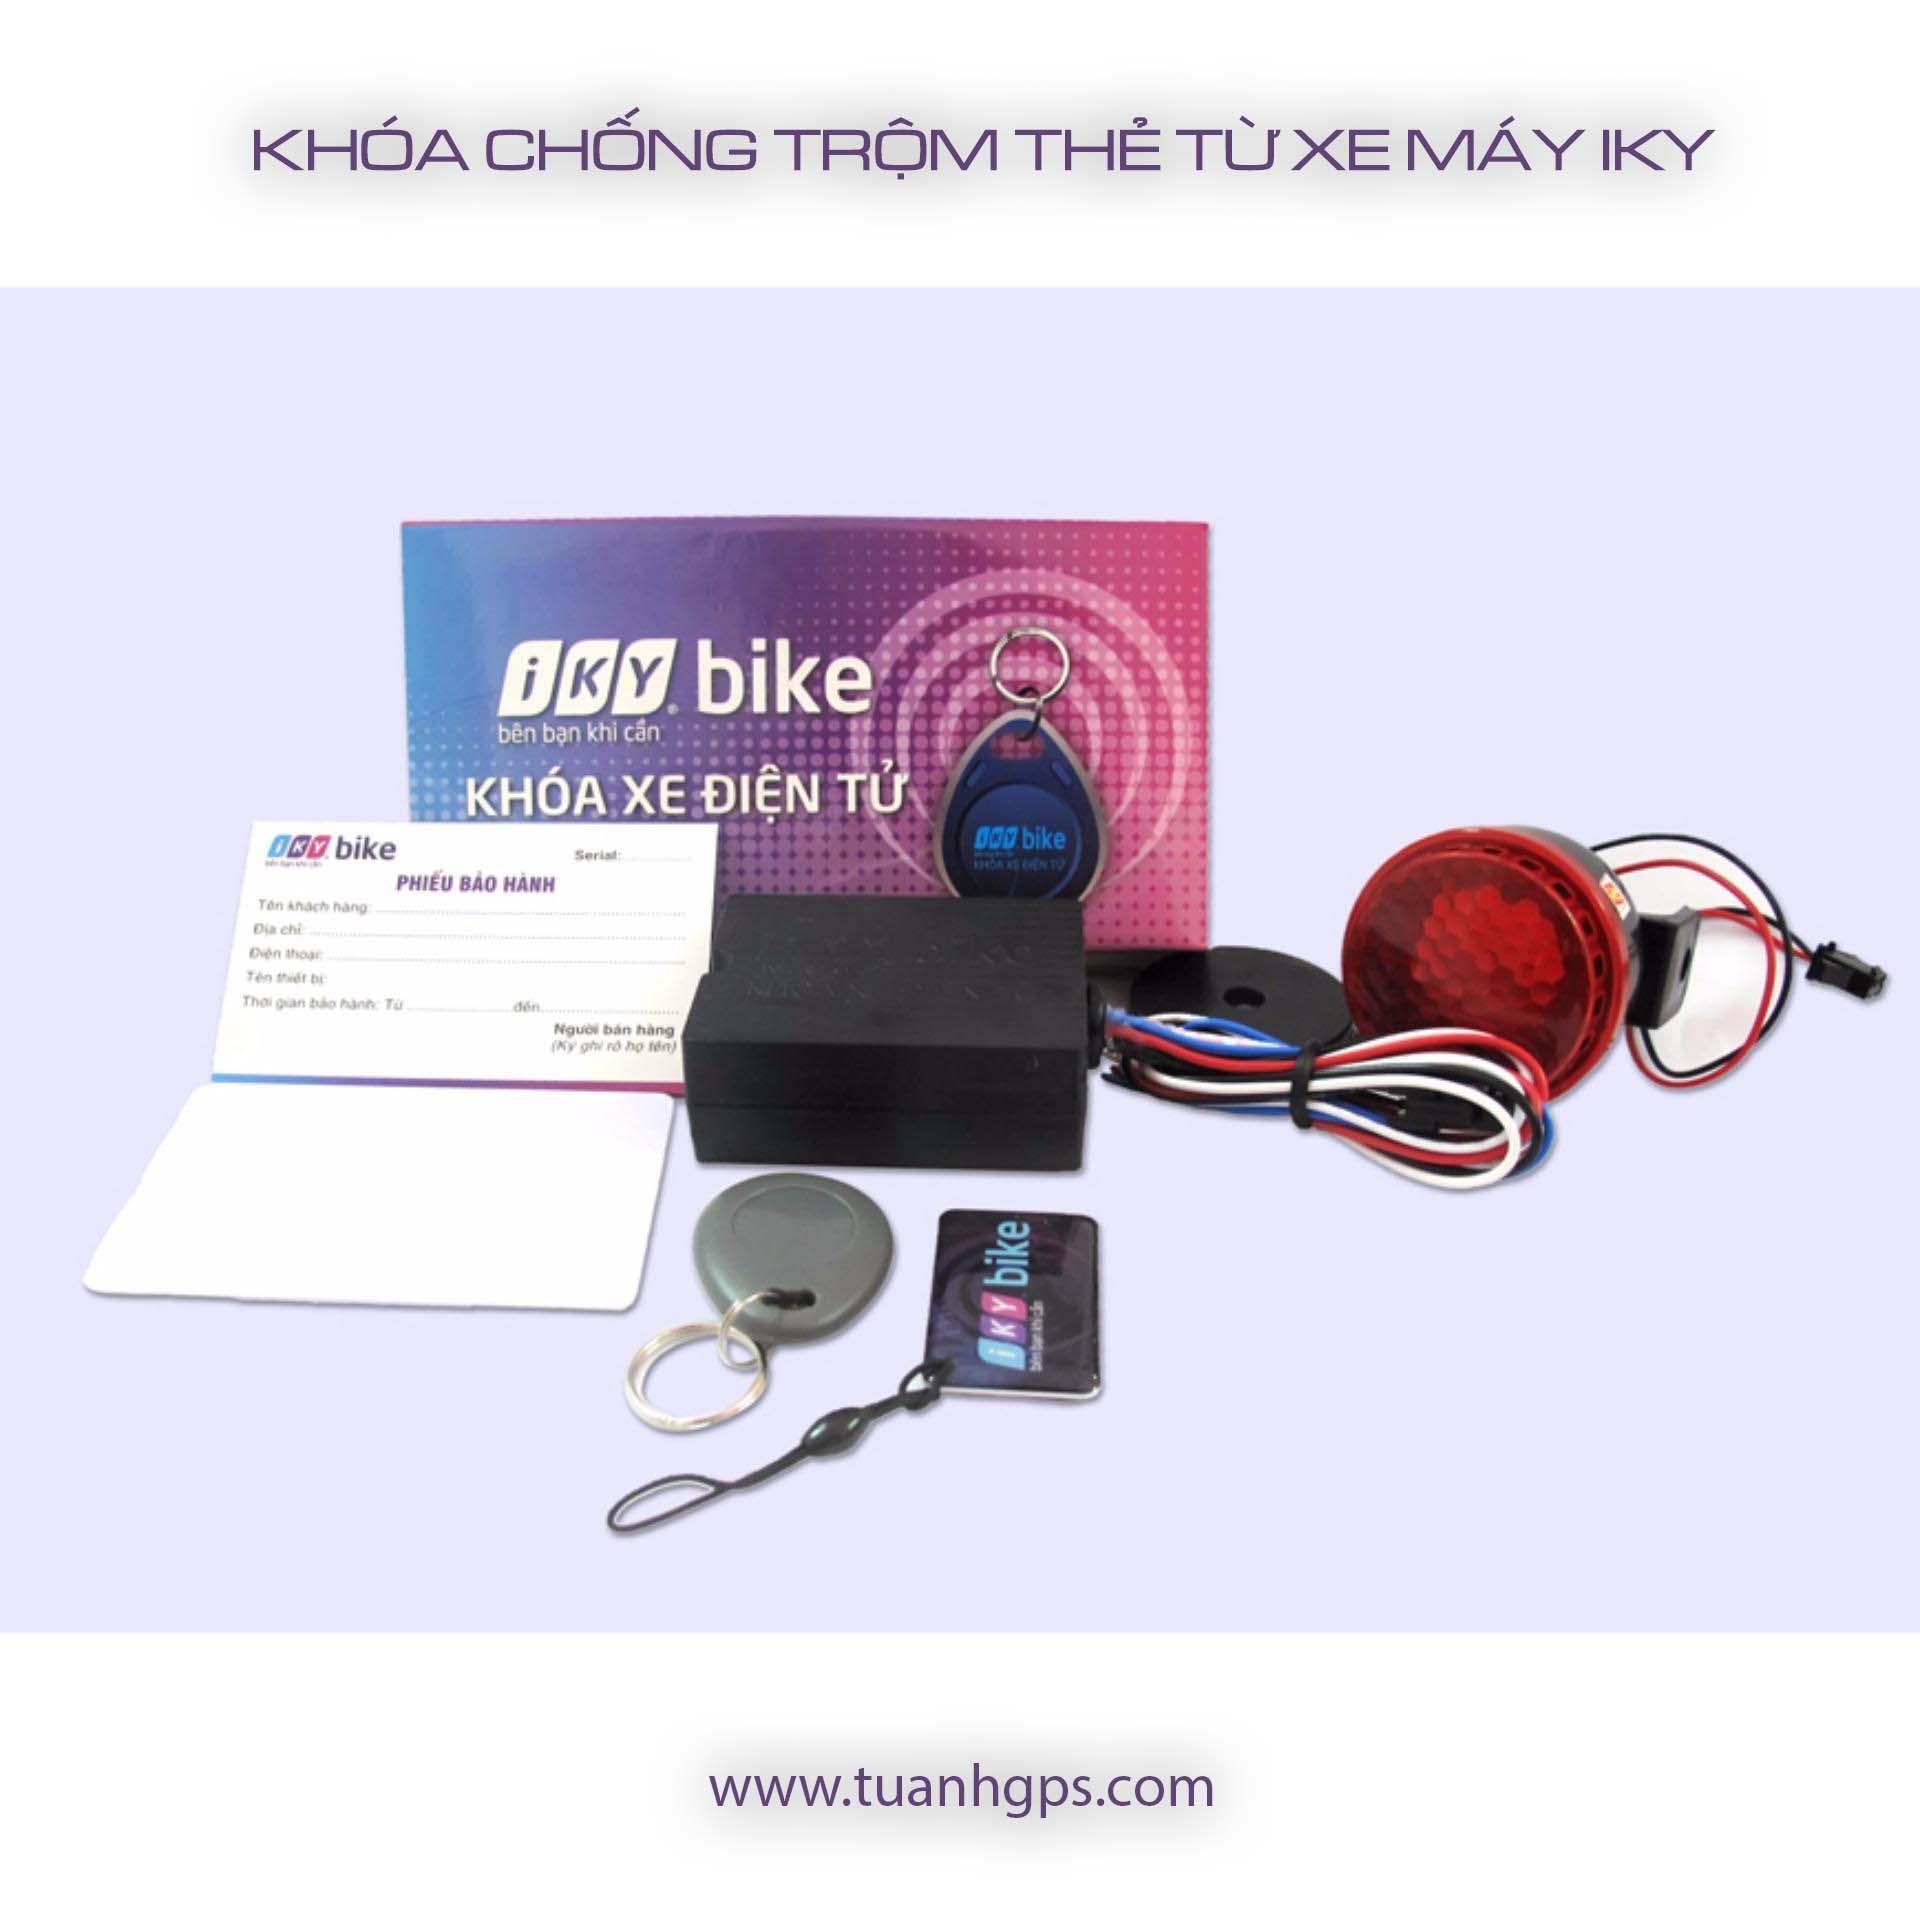 Khóa chống trộm xe máy thẻ từ Iky TuAnh001